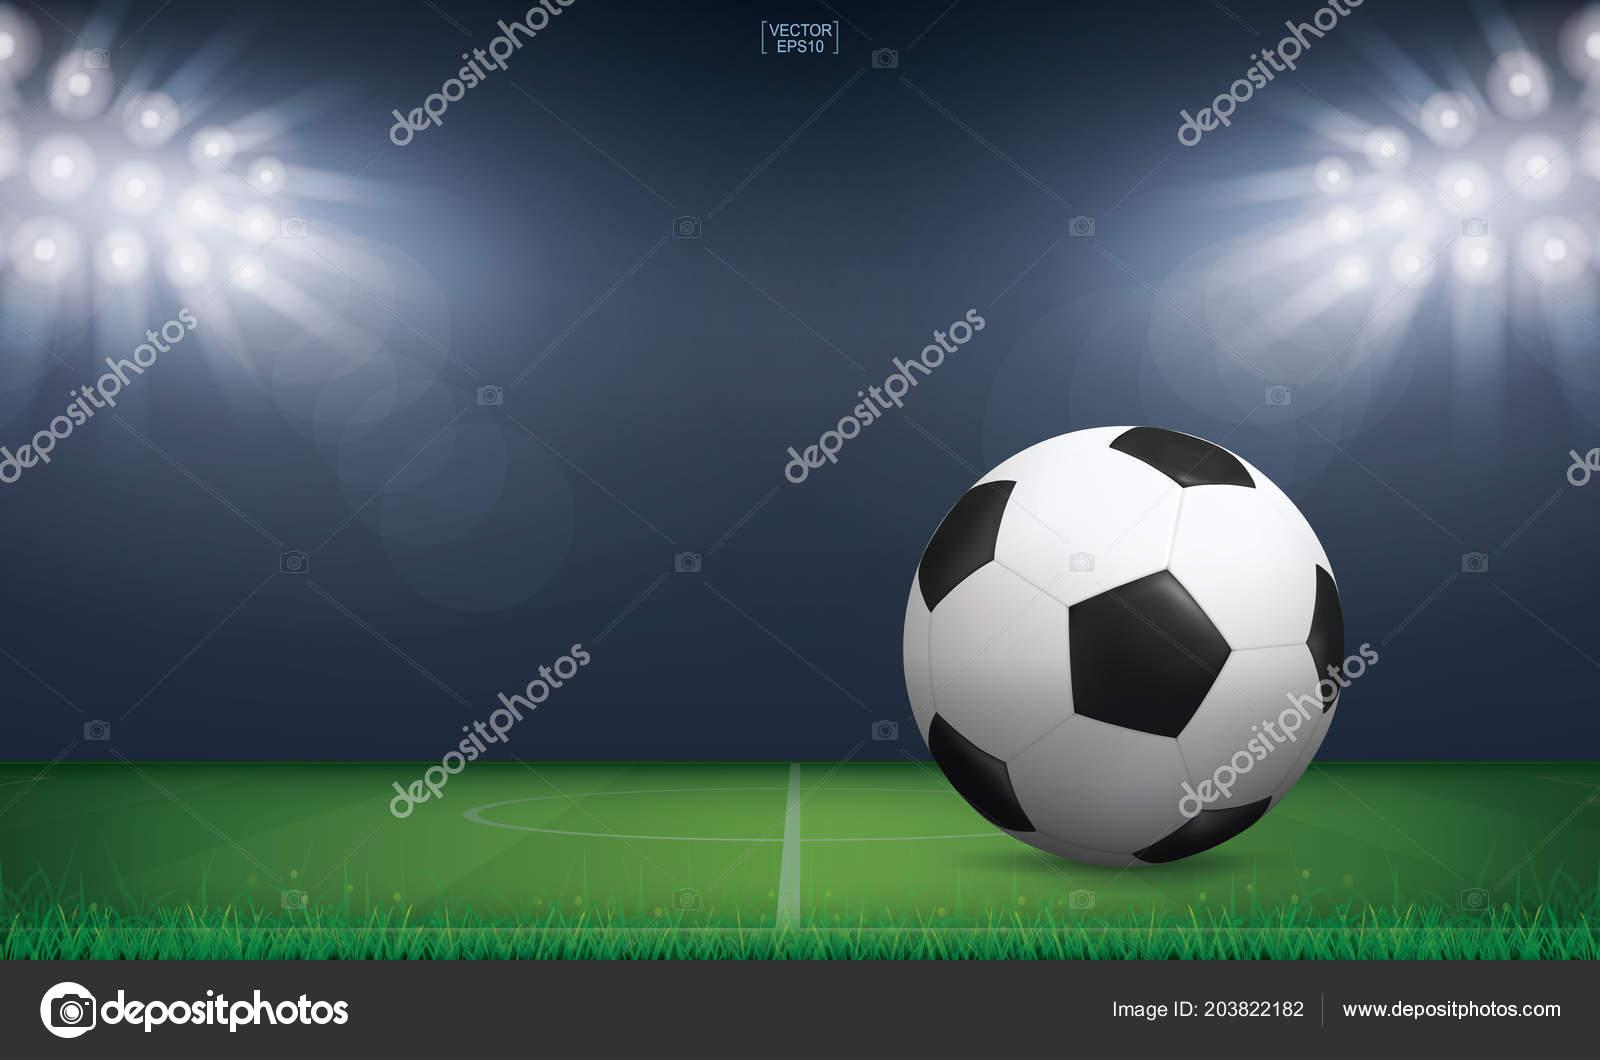 soccer football ball green grass soccer field football field stadium stock vector c praew p 1985 hotmail com 203822182 depositphotos